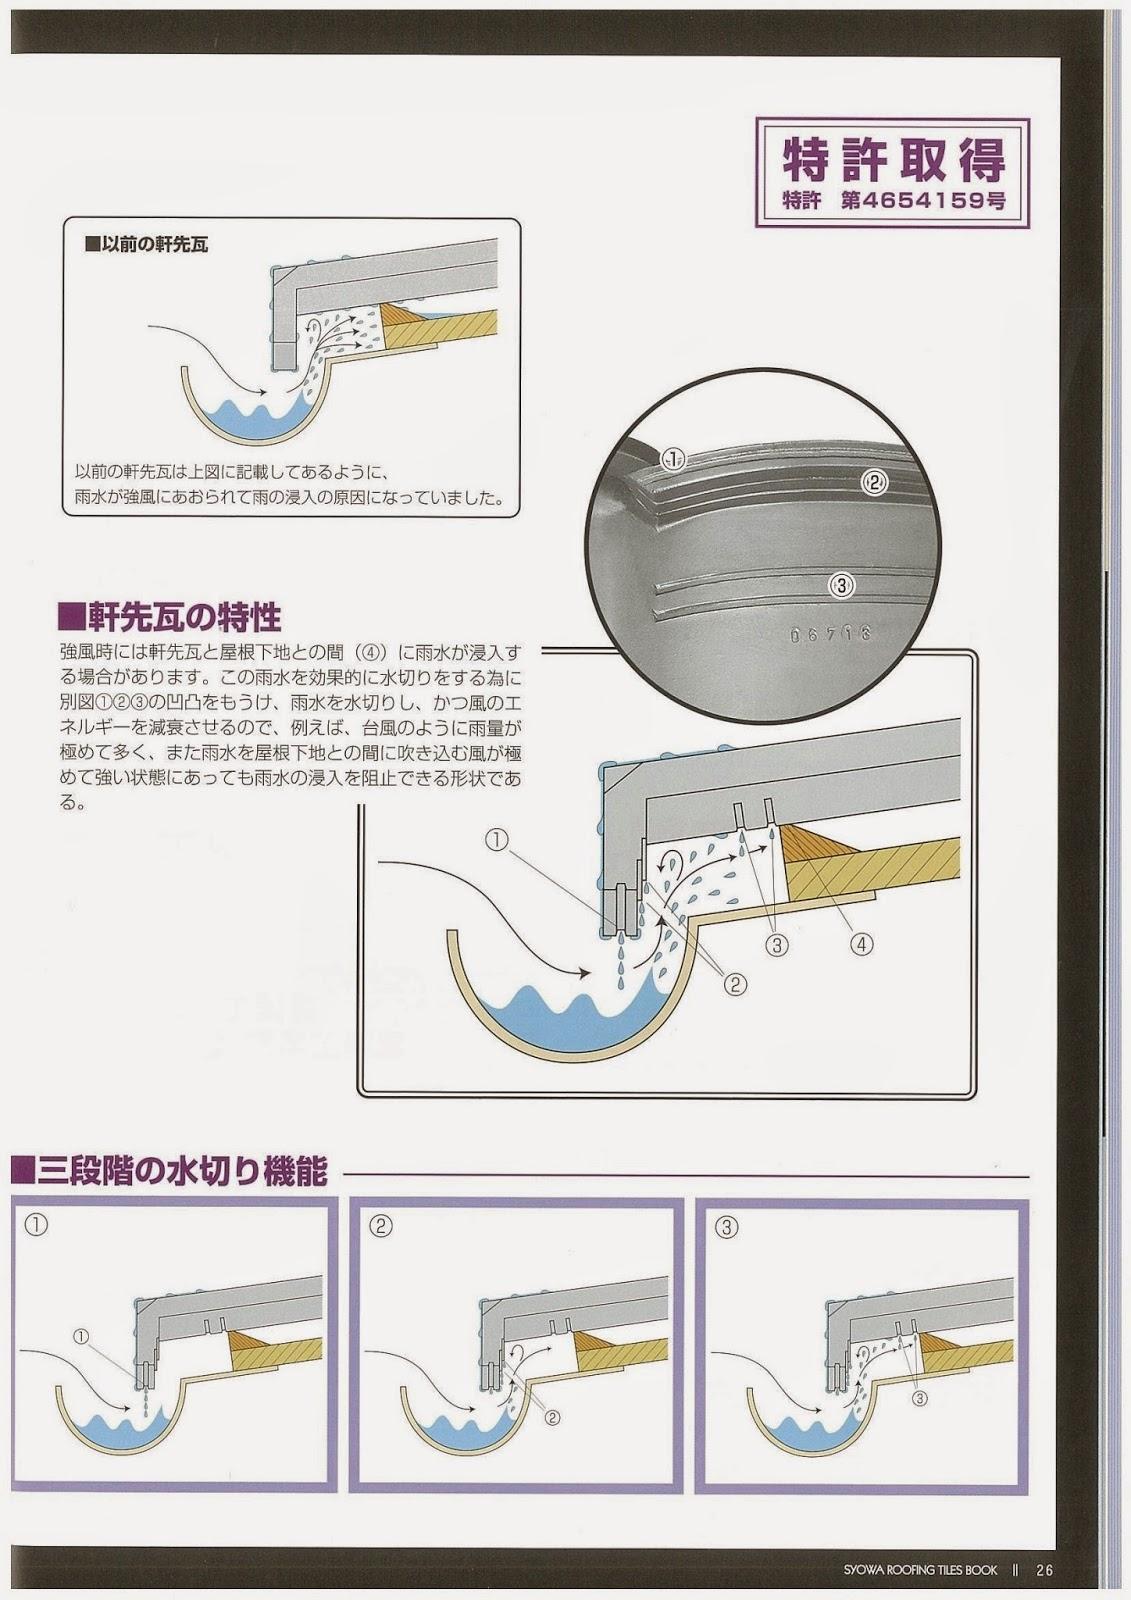 淡路瓦 昭和窯業のスタッフブログ